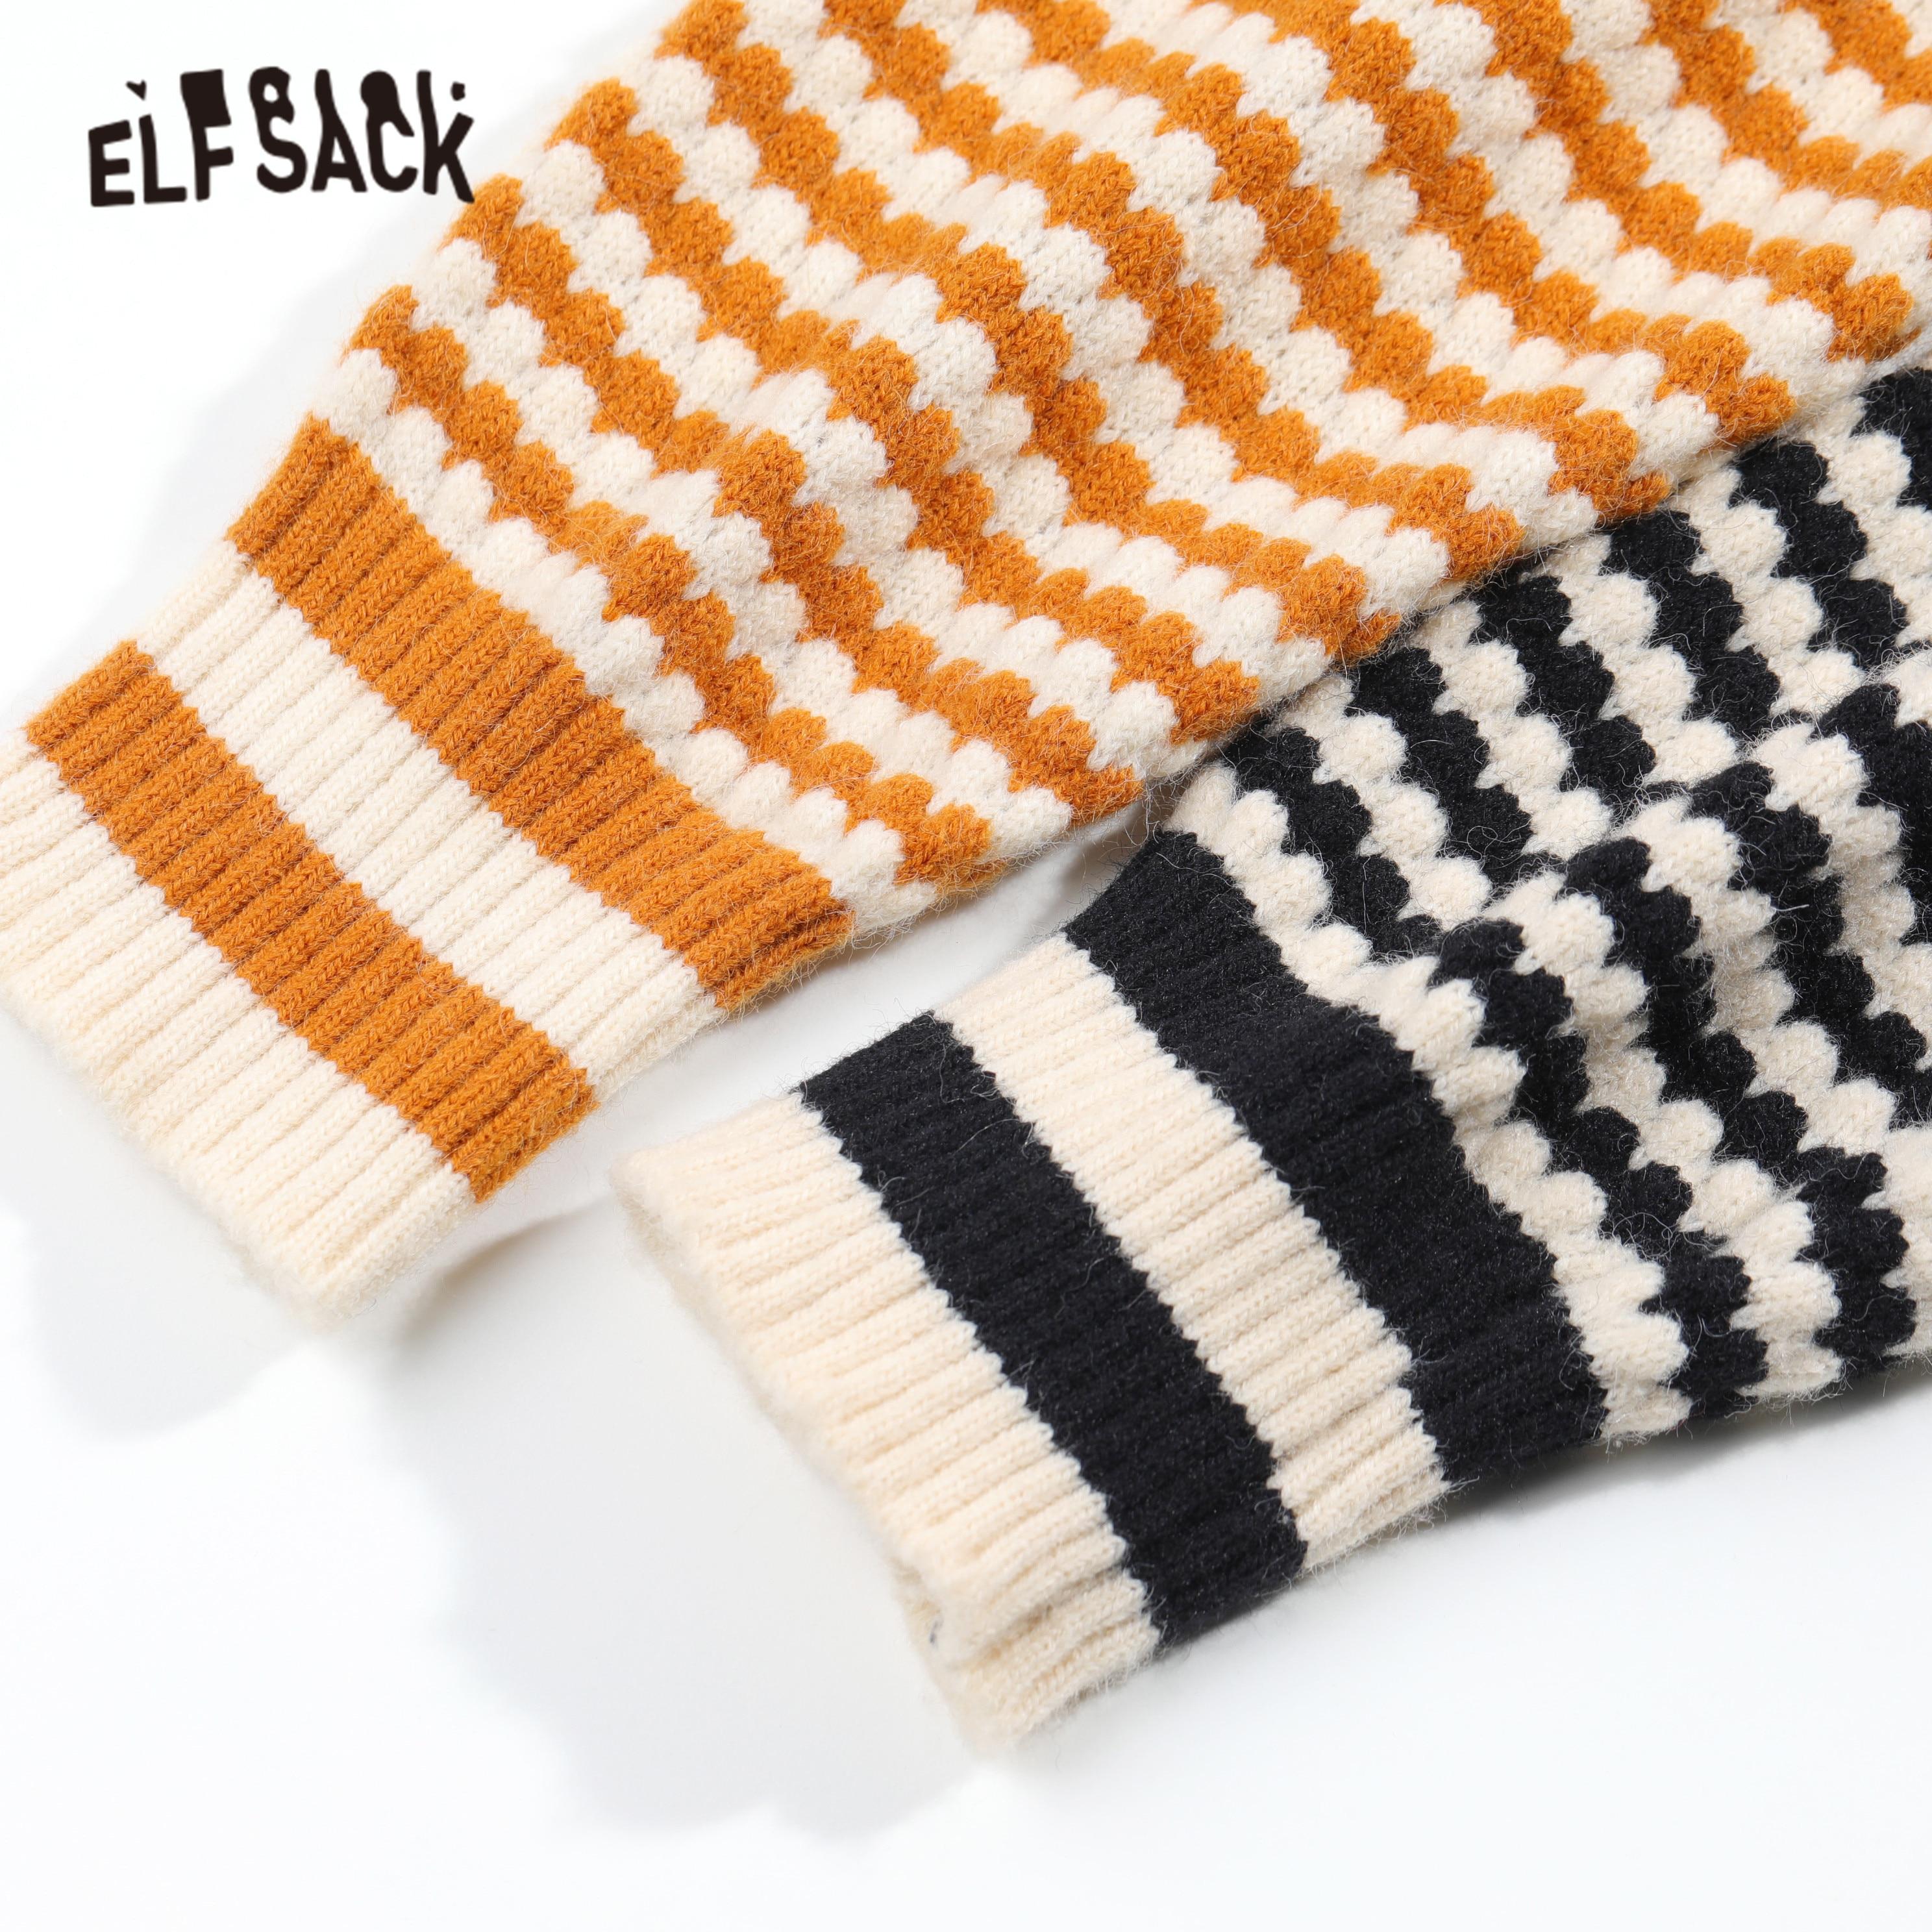 ELFSACK, Jersey informal de punto con rayas negras, conjuntos a juego para mujer, trajes elegantes de dos piezas con cintura elástica amarilla de primavera 2020 para mujer - 4